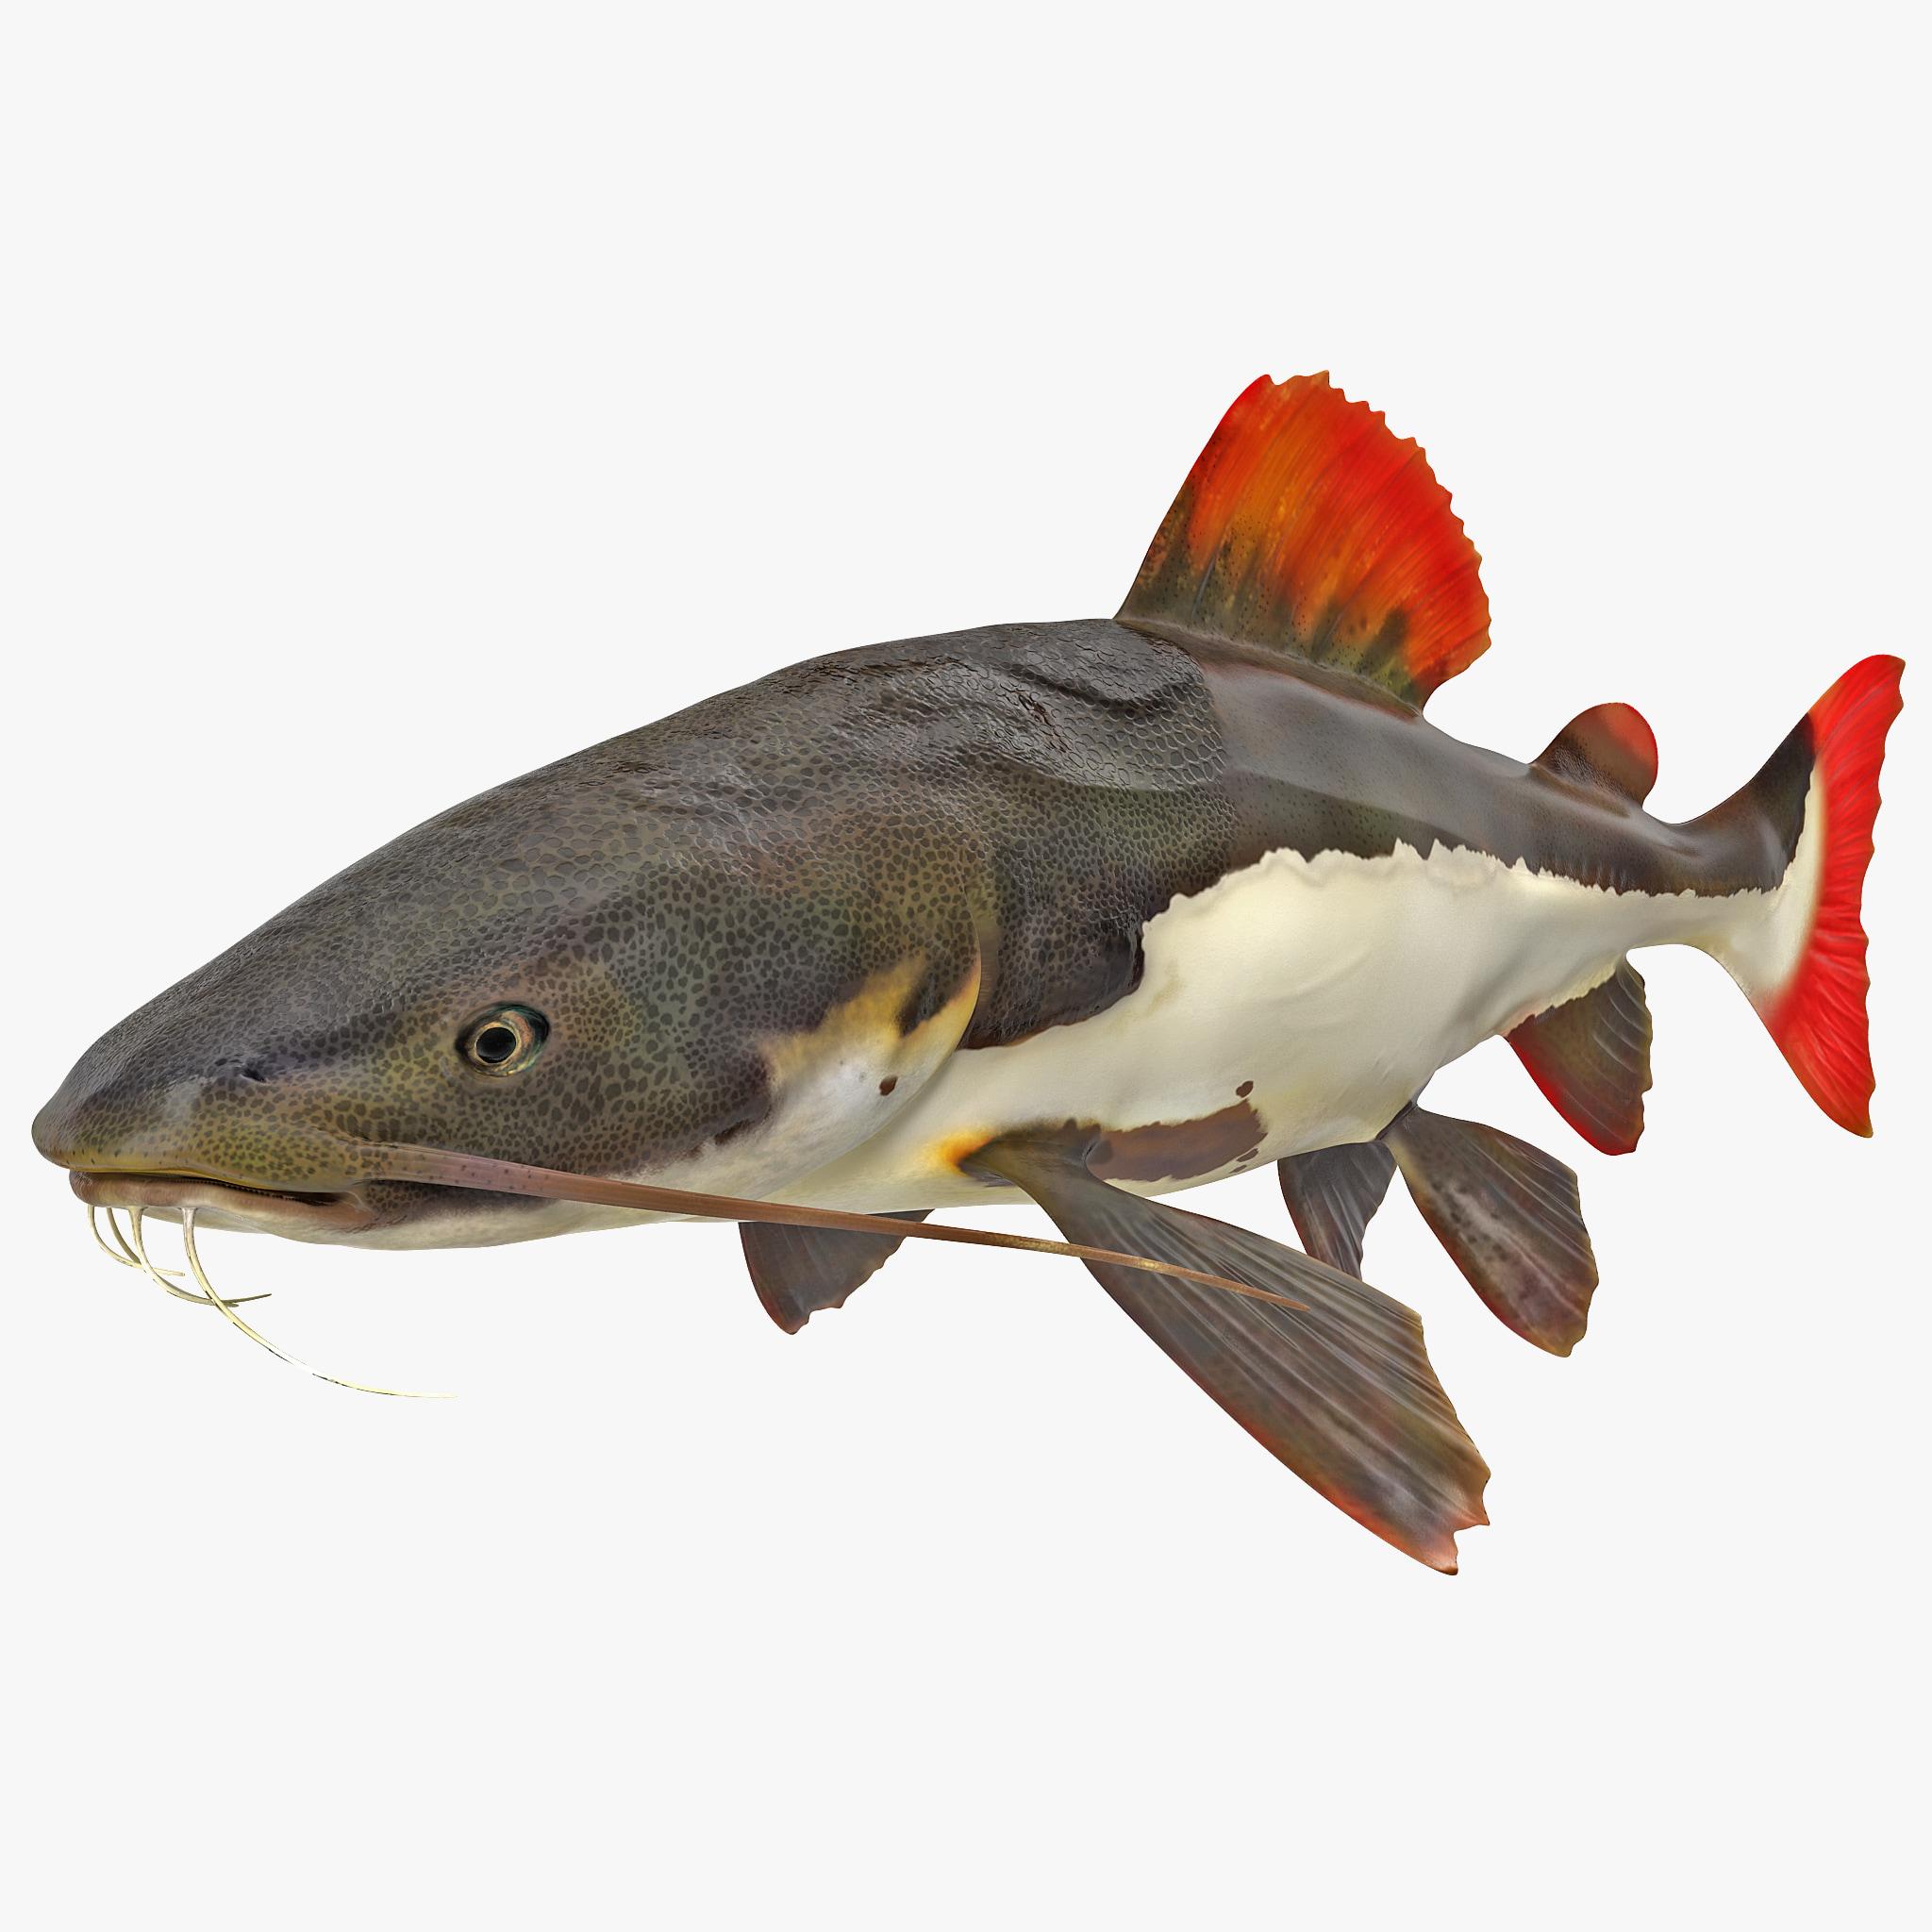 Redtail Catfish_1.jpg